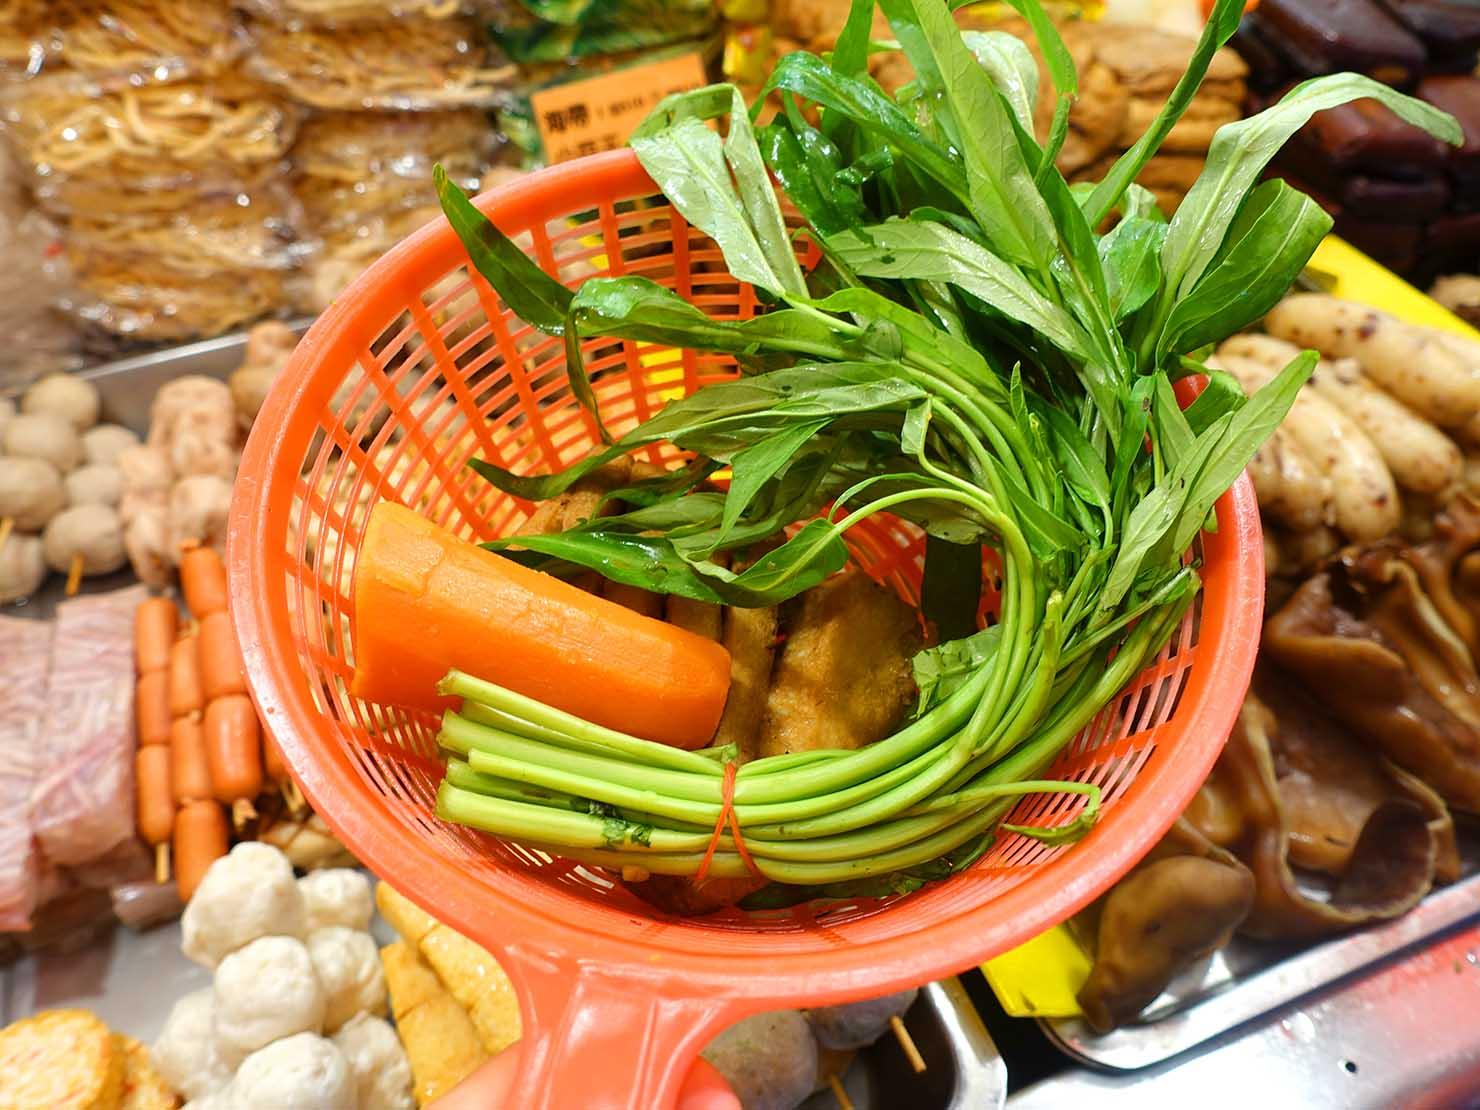 台北・師大夜市のおすすめ台湾グルメ店「金甌滷味」のオーダーの仕方